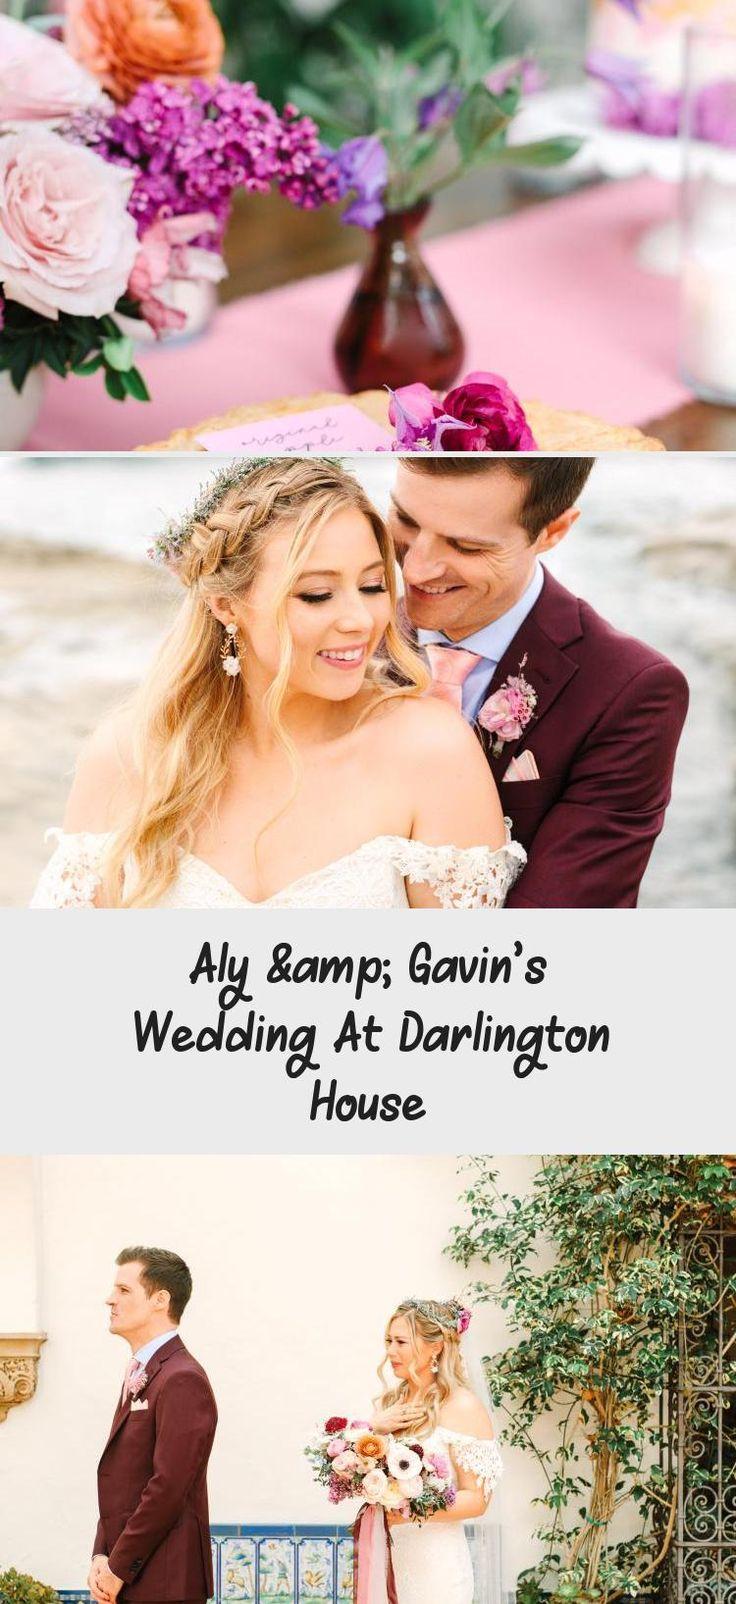 la jolla house wedding venue